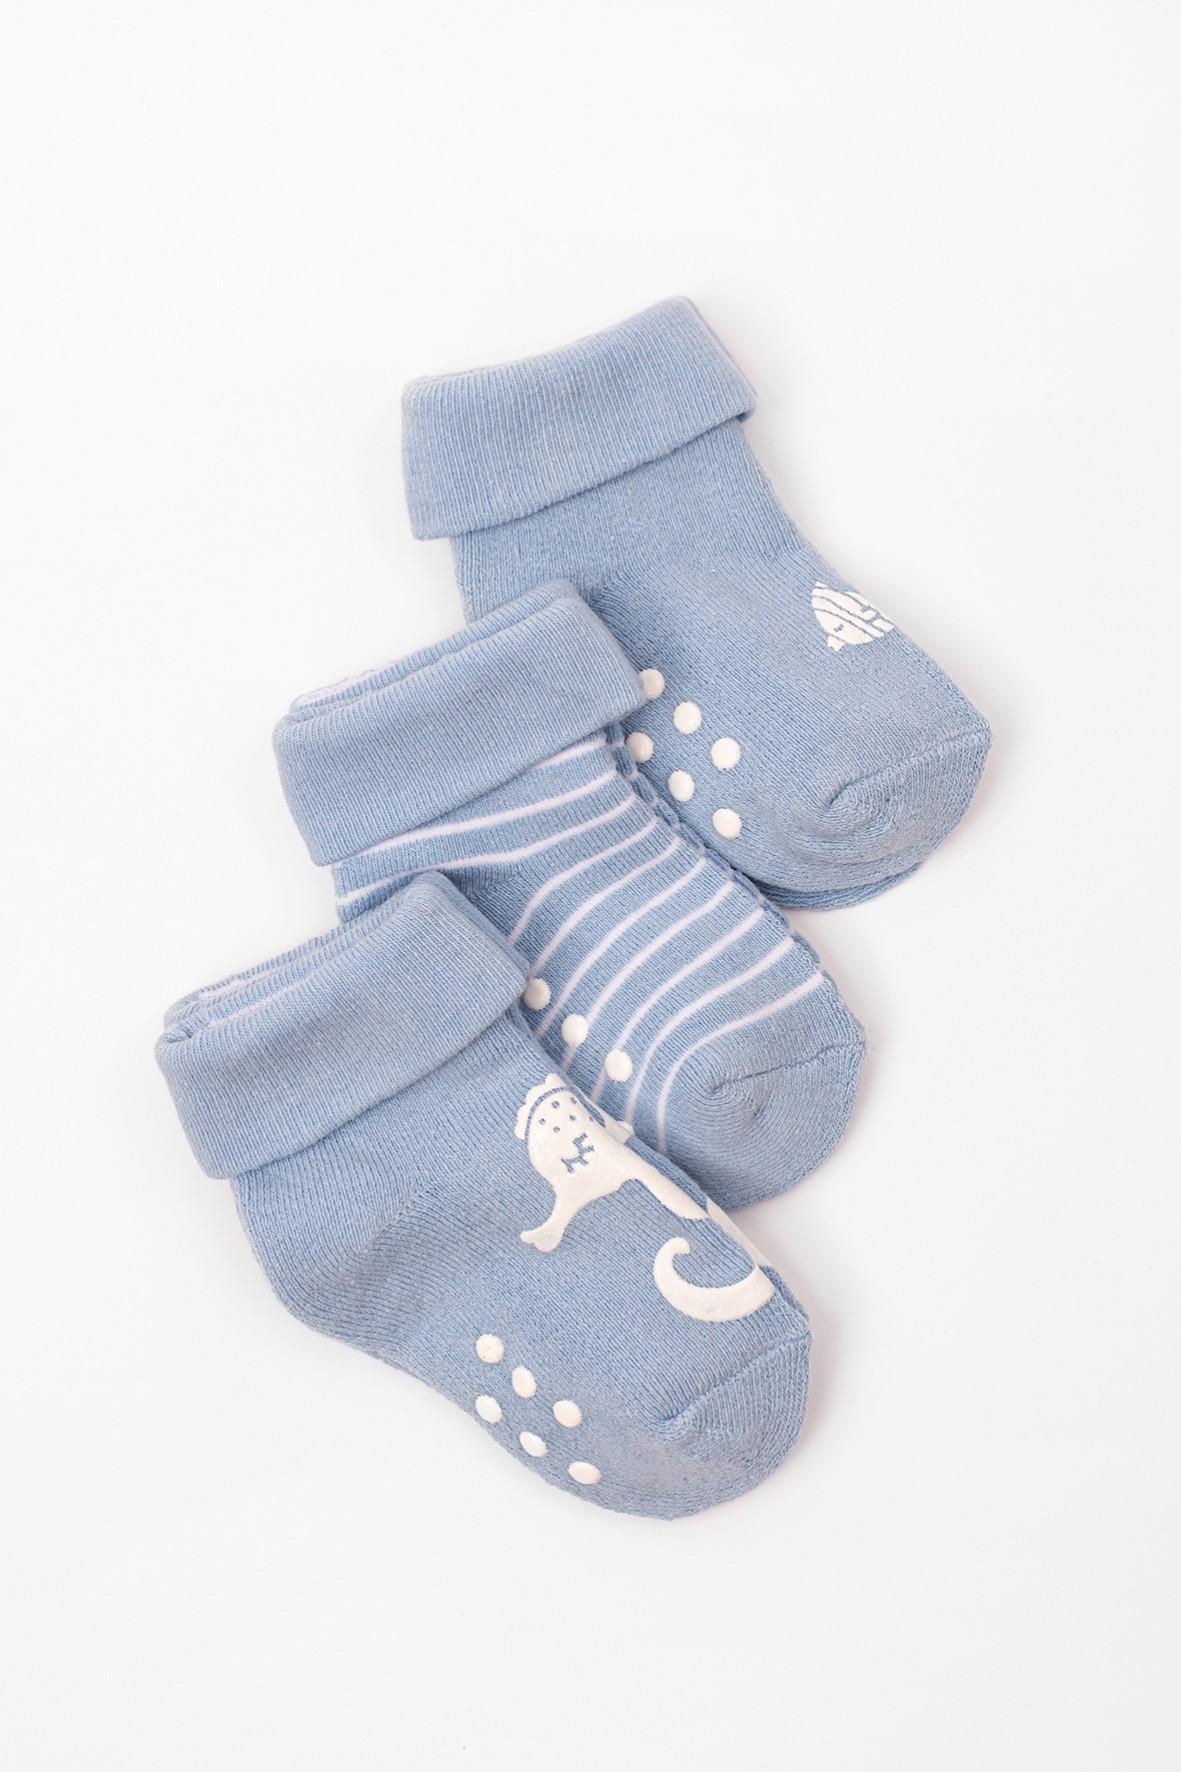 Skarpety niemowlęce antypoślizgowe 3pak niebieskie